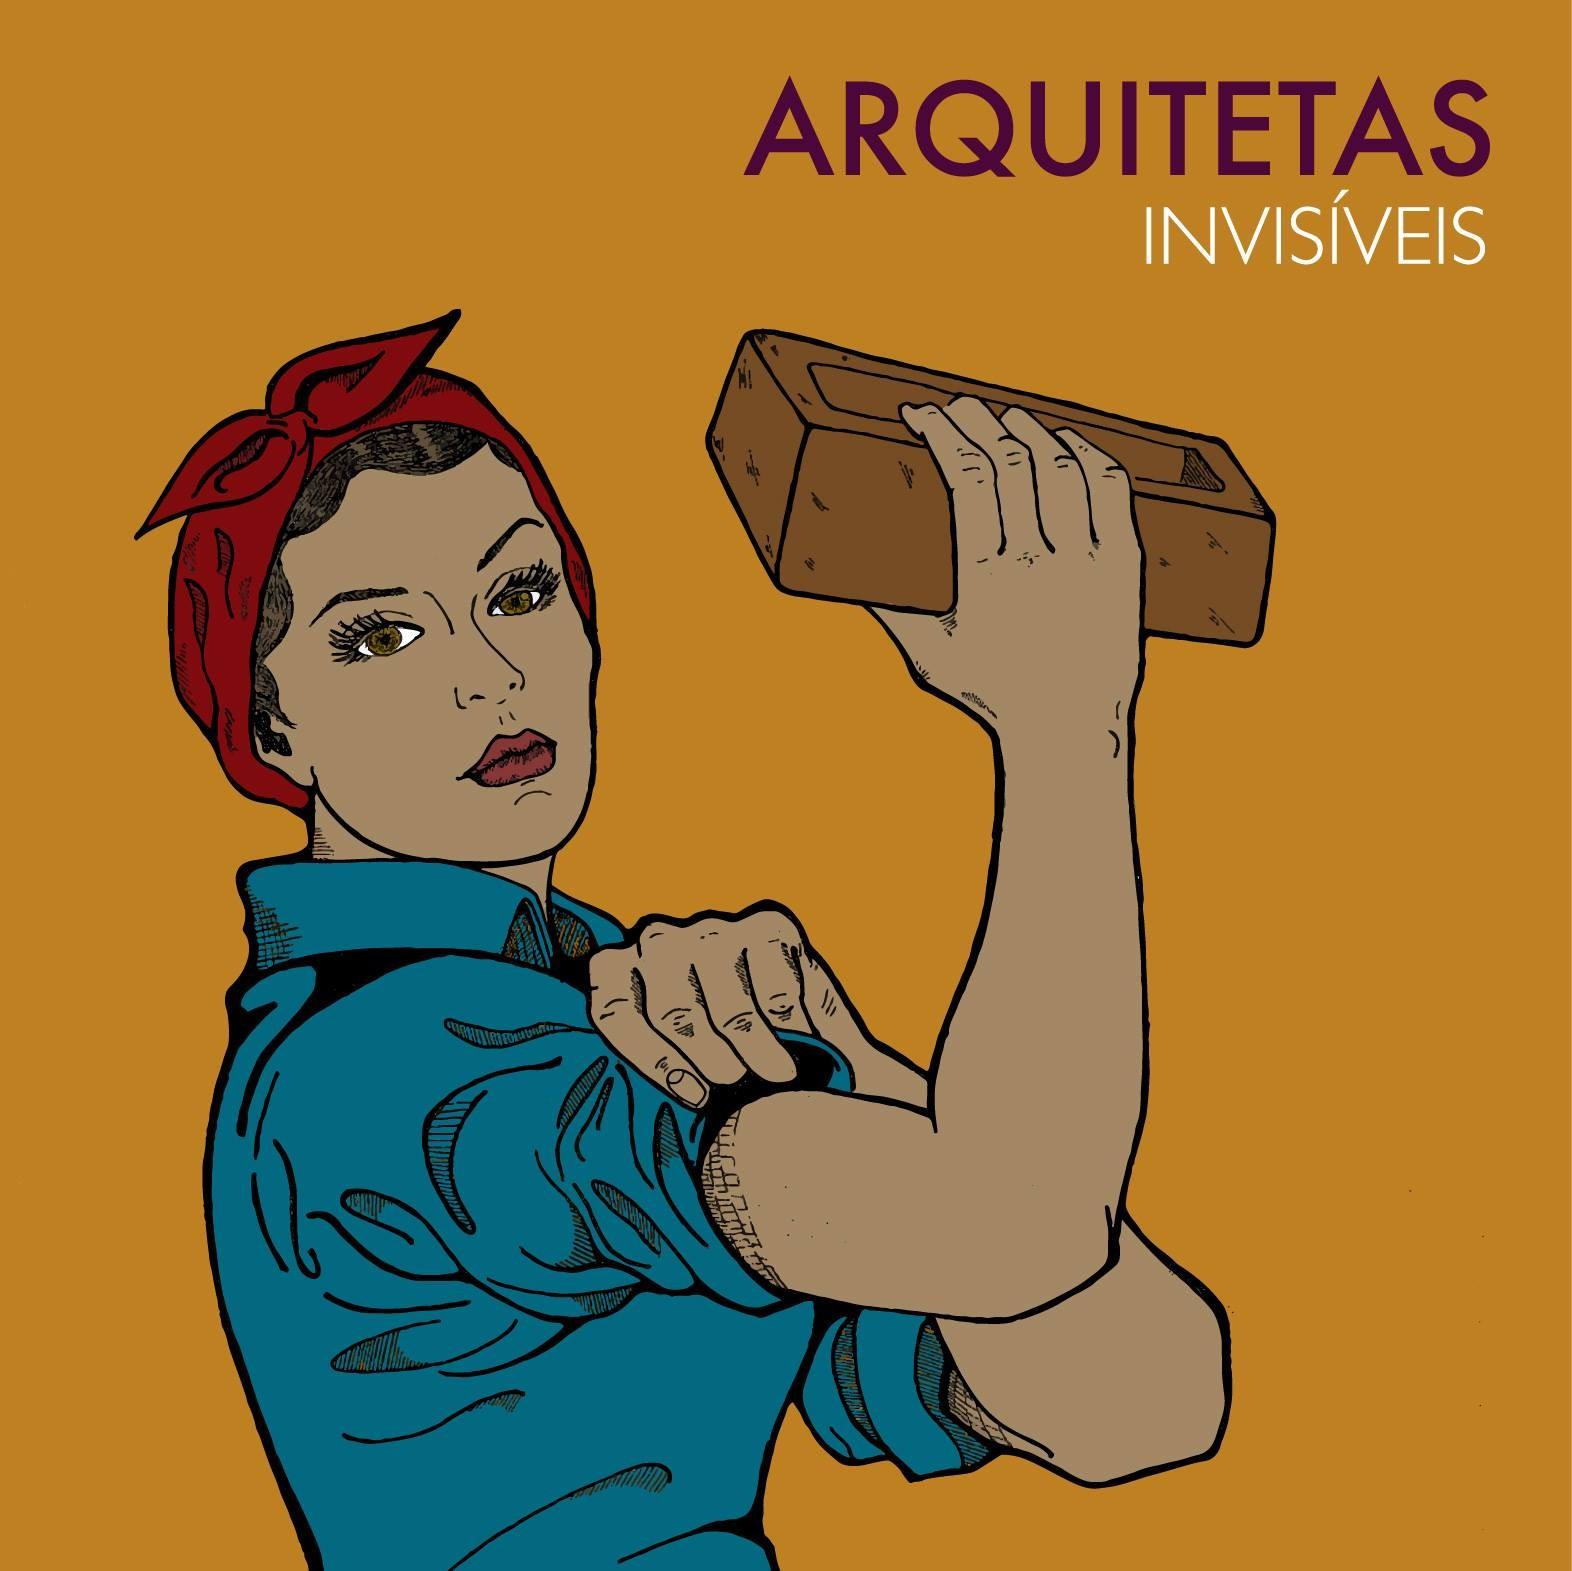 Arquitetas Invisíveis apresentam 48 mulheres na Arquitetura, Cortesia de Arquitetas Invisíveis